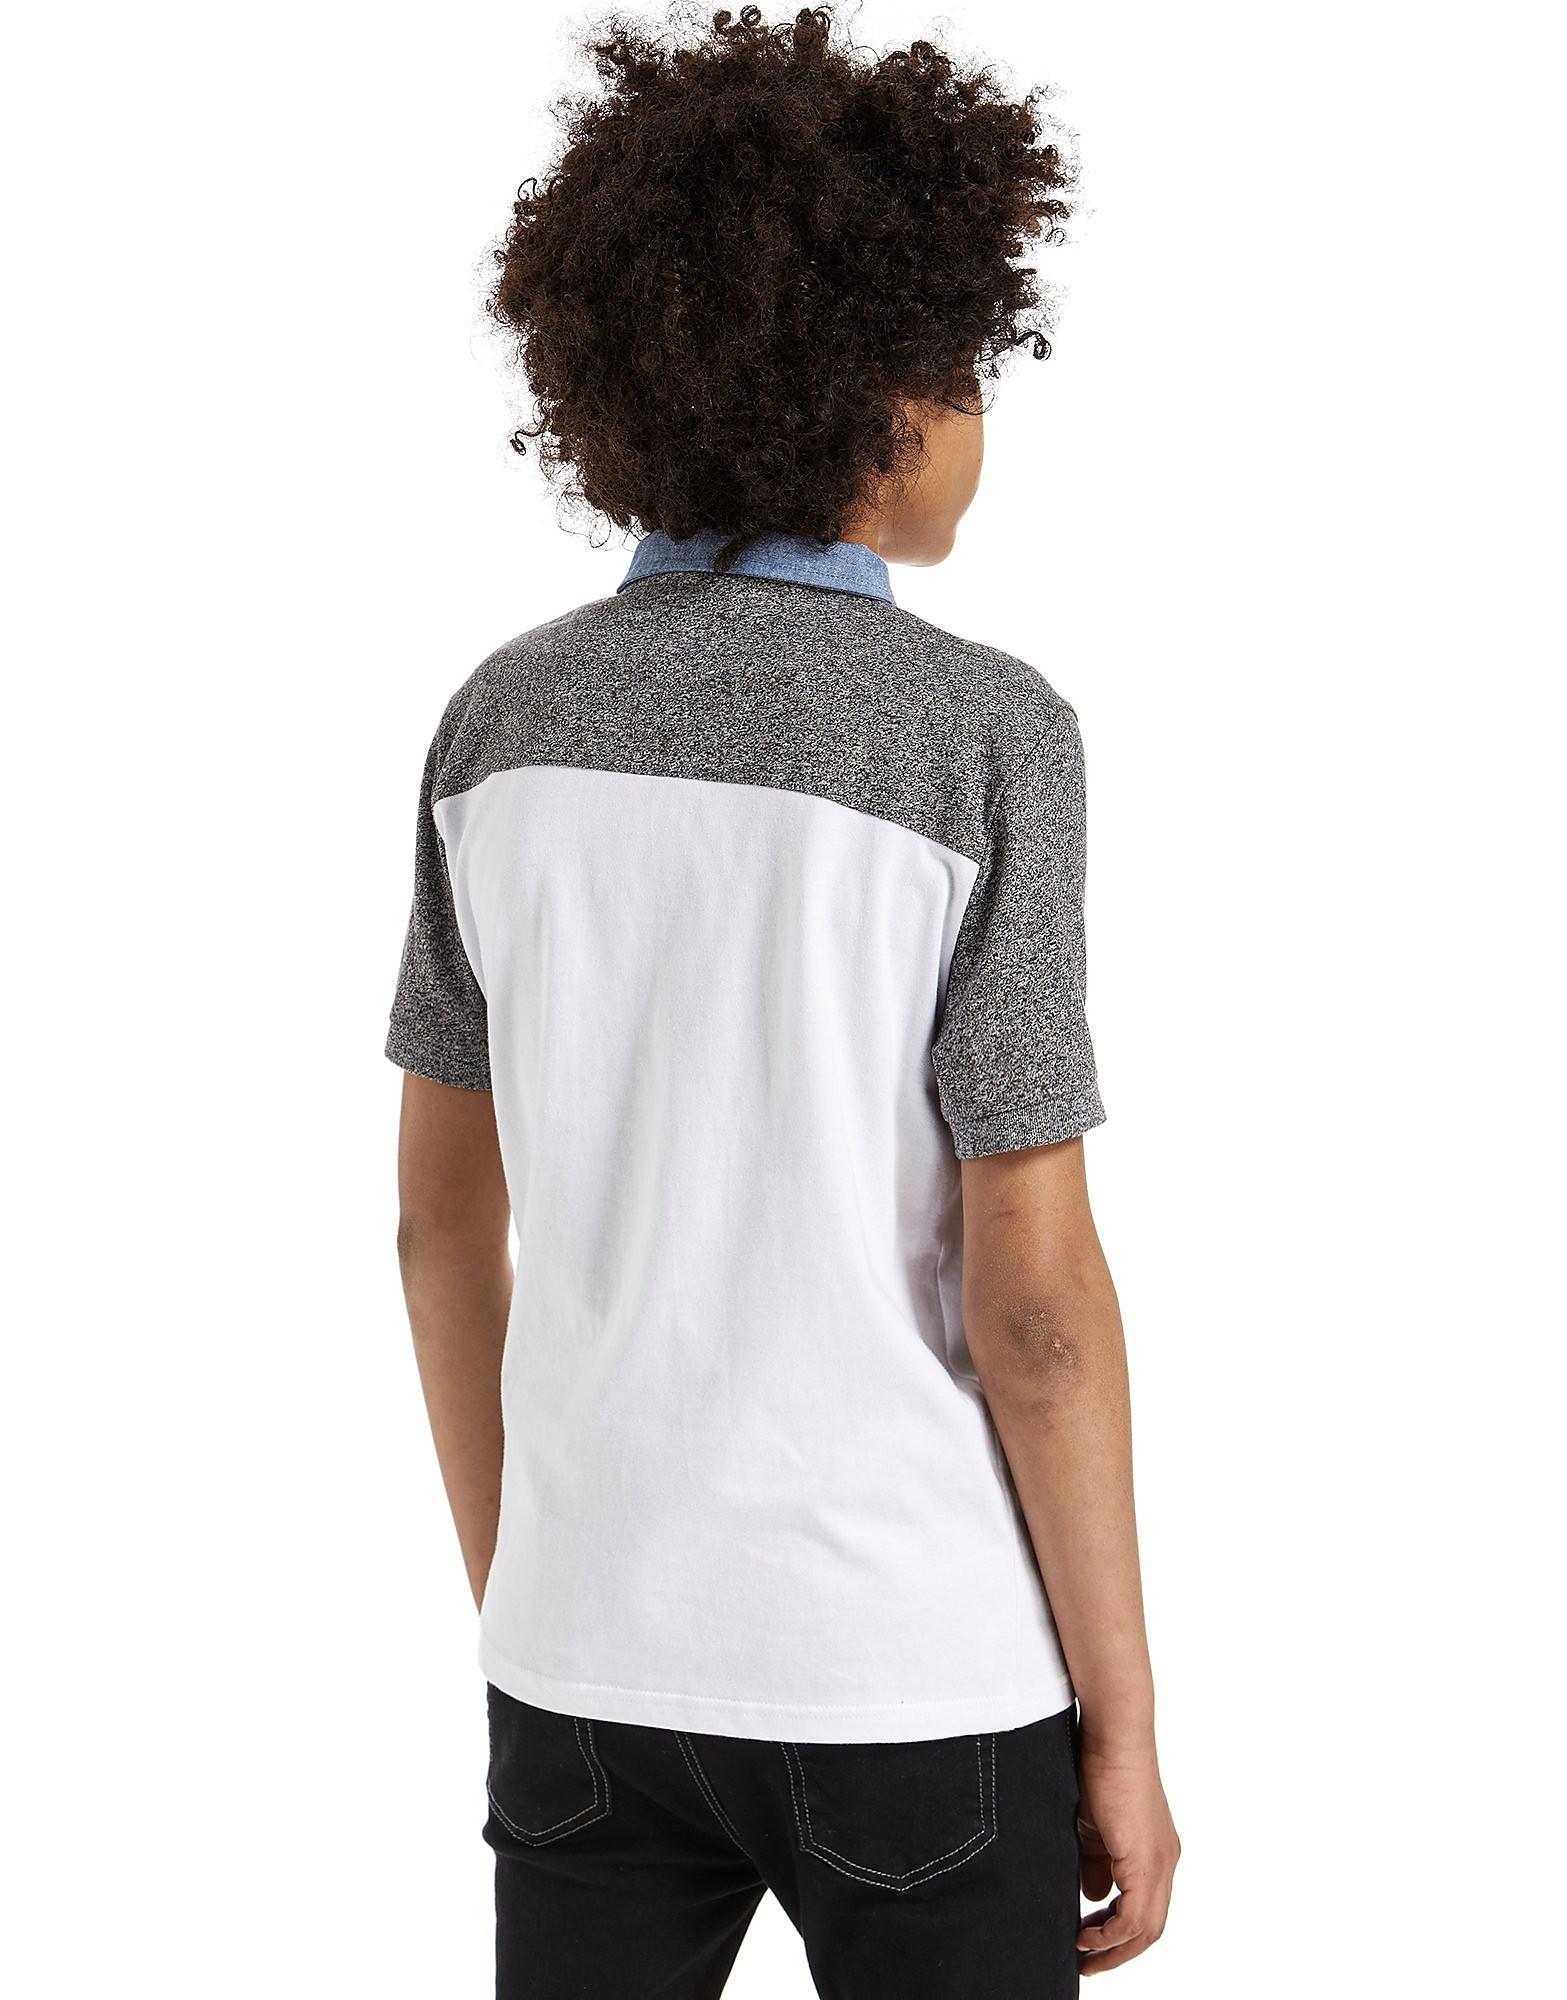 McKenzie Howley 2 Polo Shirt Junior